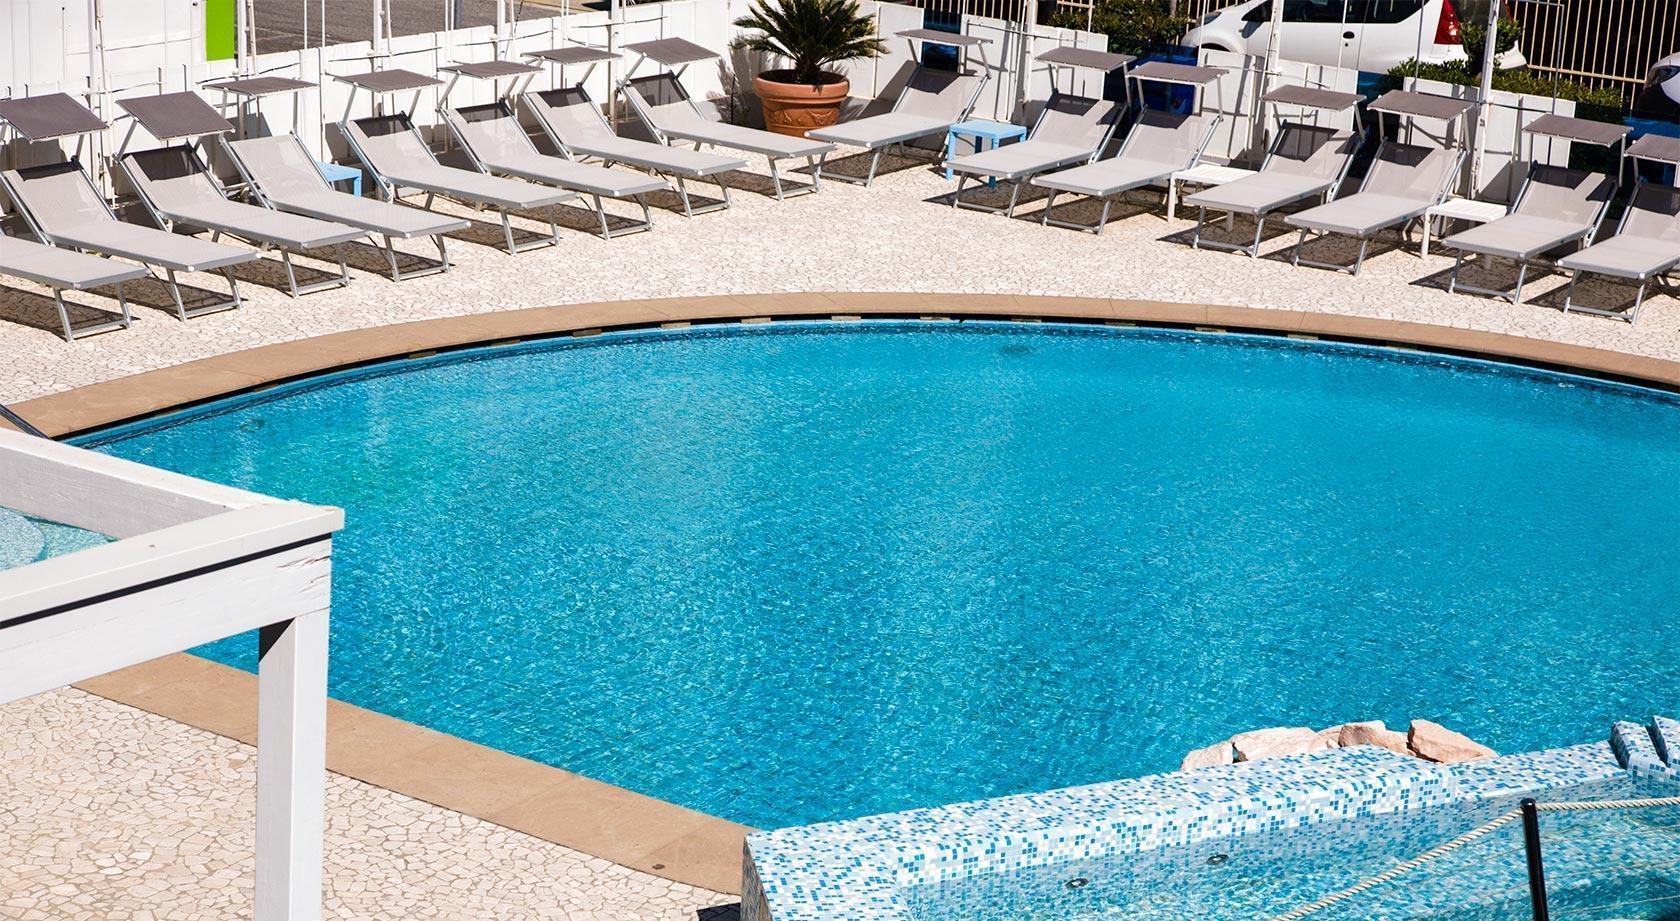 Hotel cattolica 4 stelle sul mare hotel splendid mare cattolica - Hotel sul mare con piscina ...